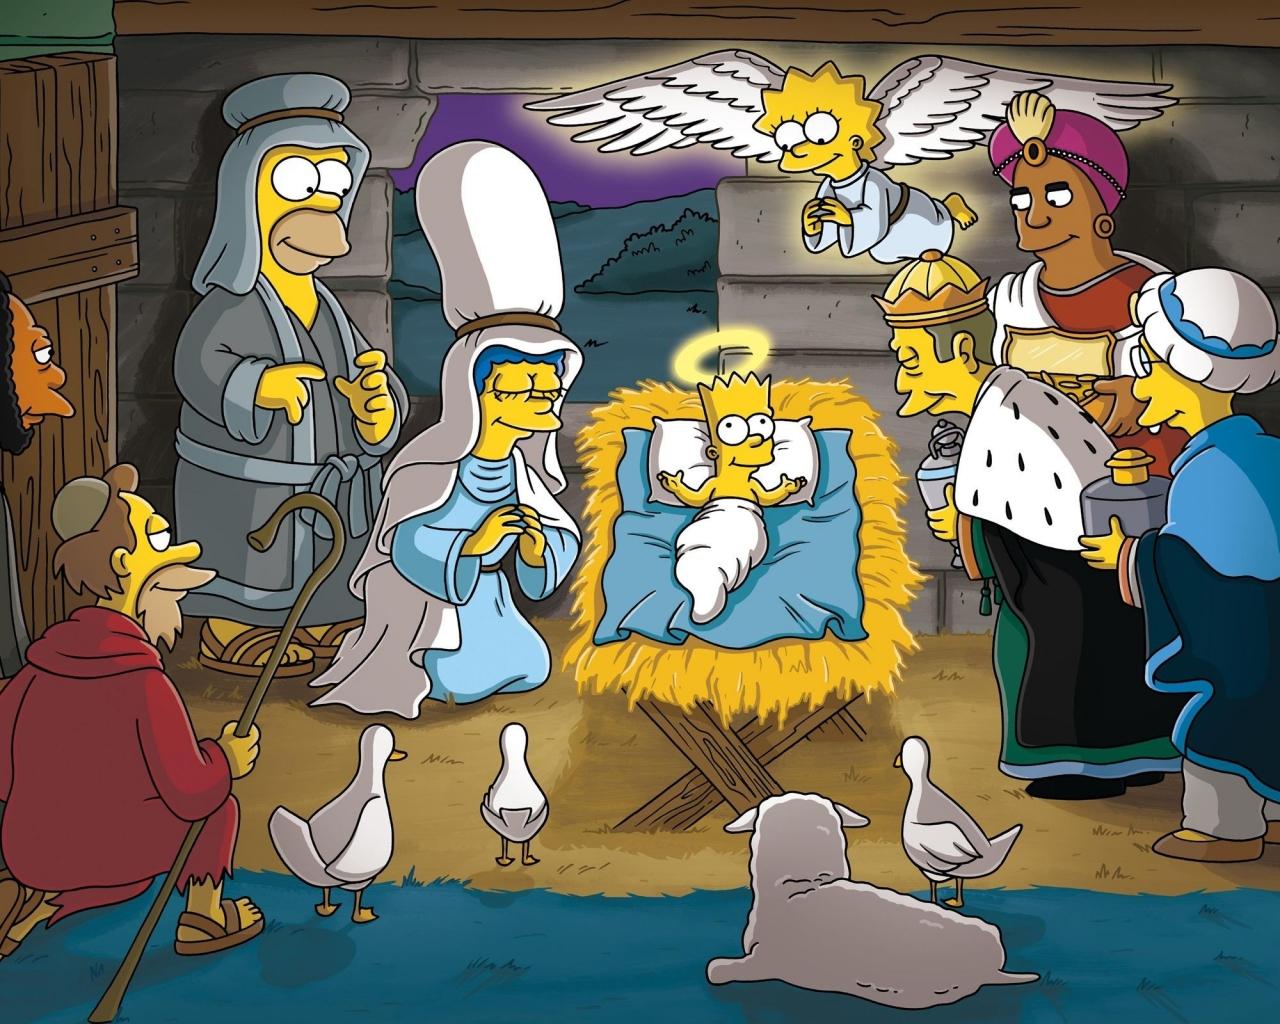 Los Simpsons y el nacimiento en Navidad - 1280x1024